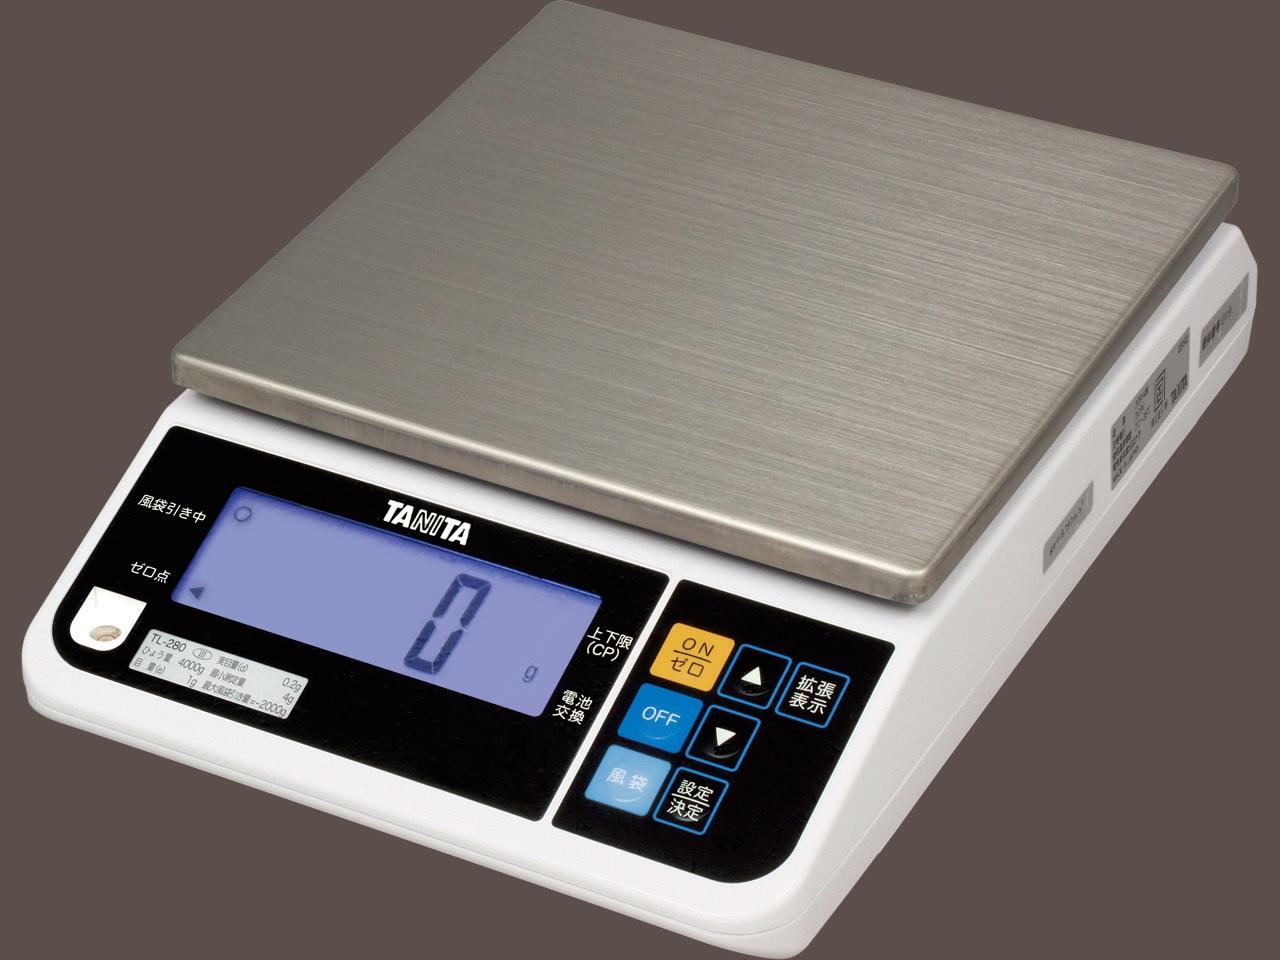 【�潟^ニタ】デジタルスケール TL-290  4000g  対面表示・RS-232Cポート付・取引証明用